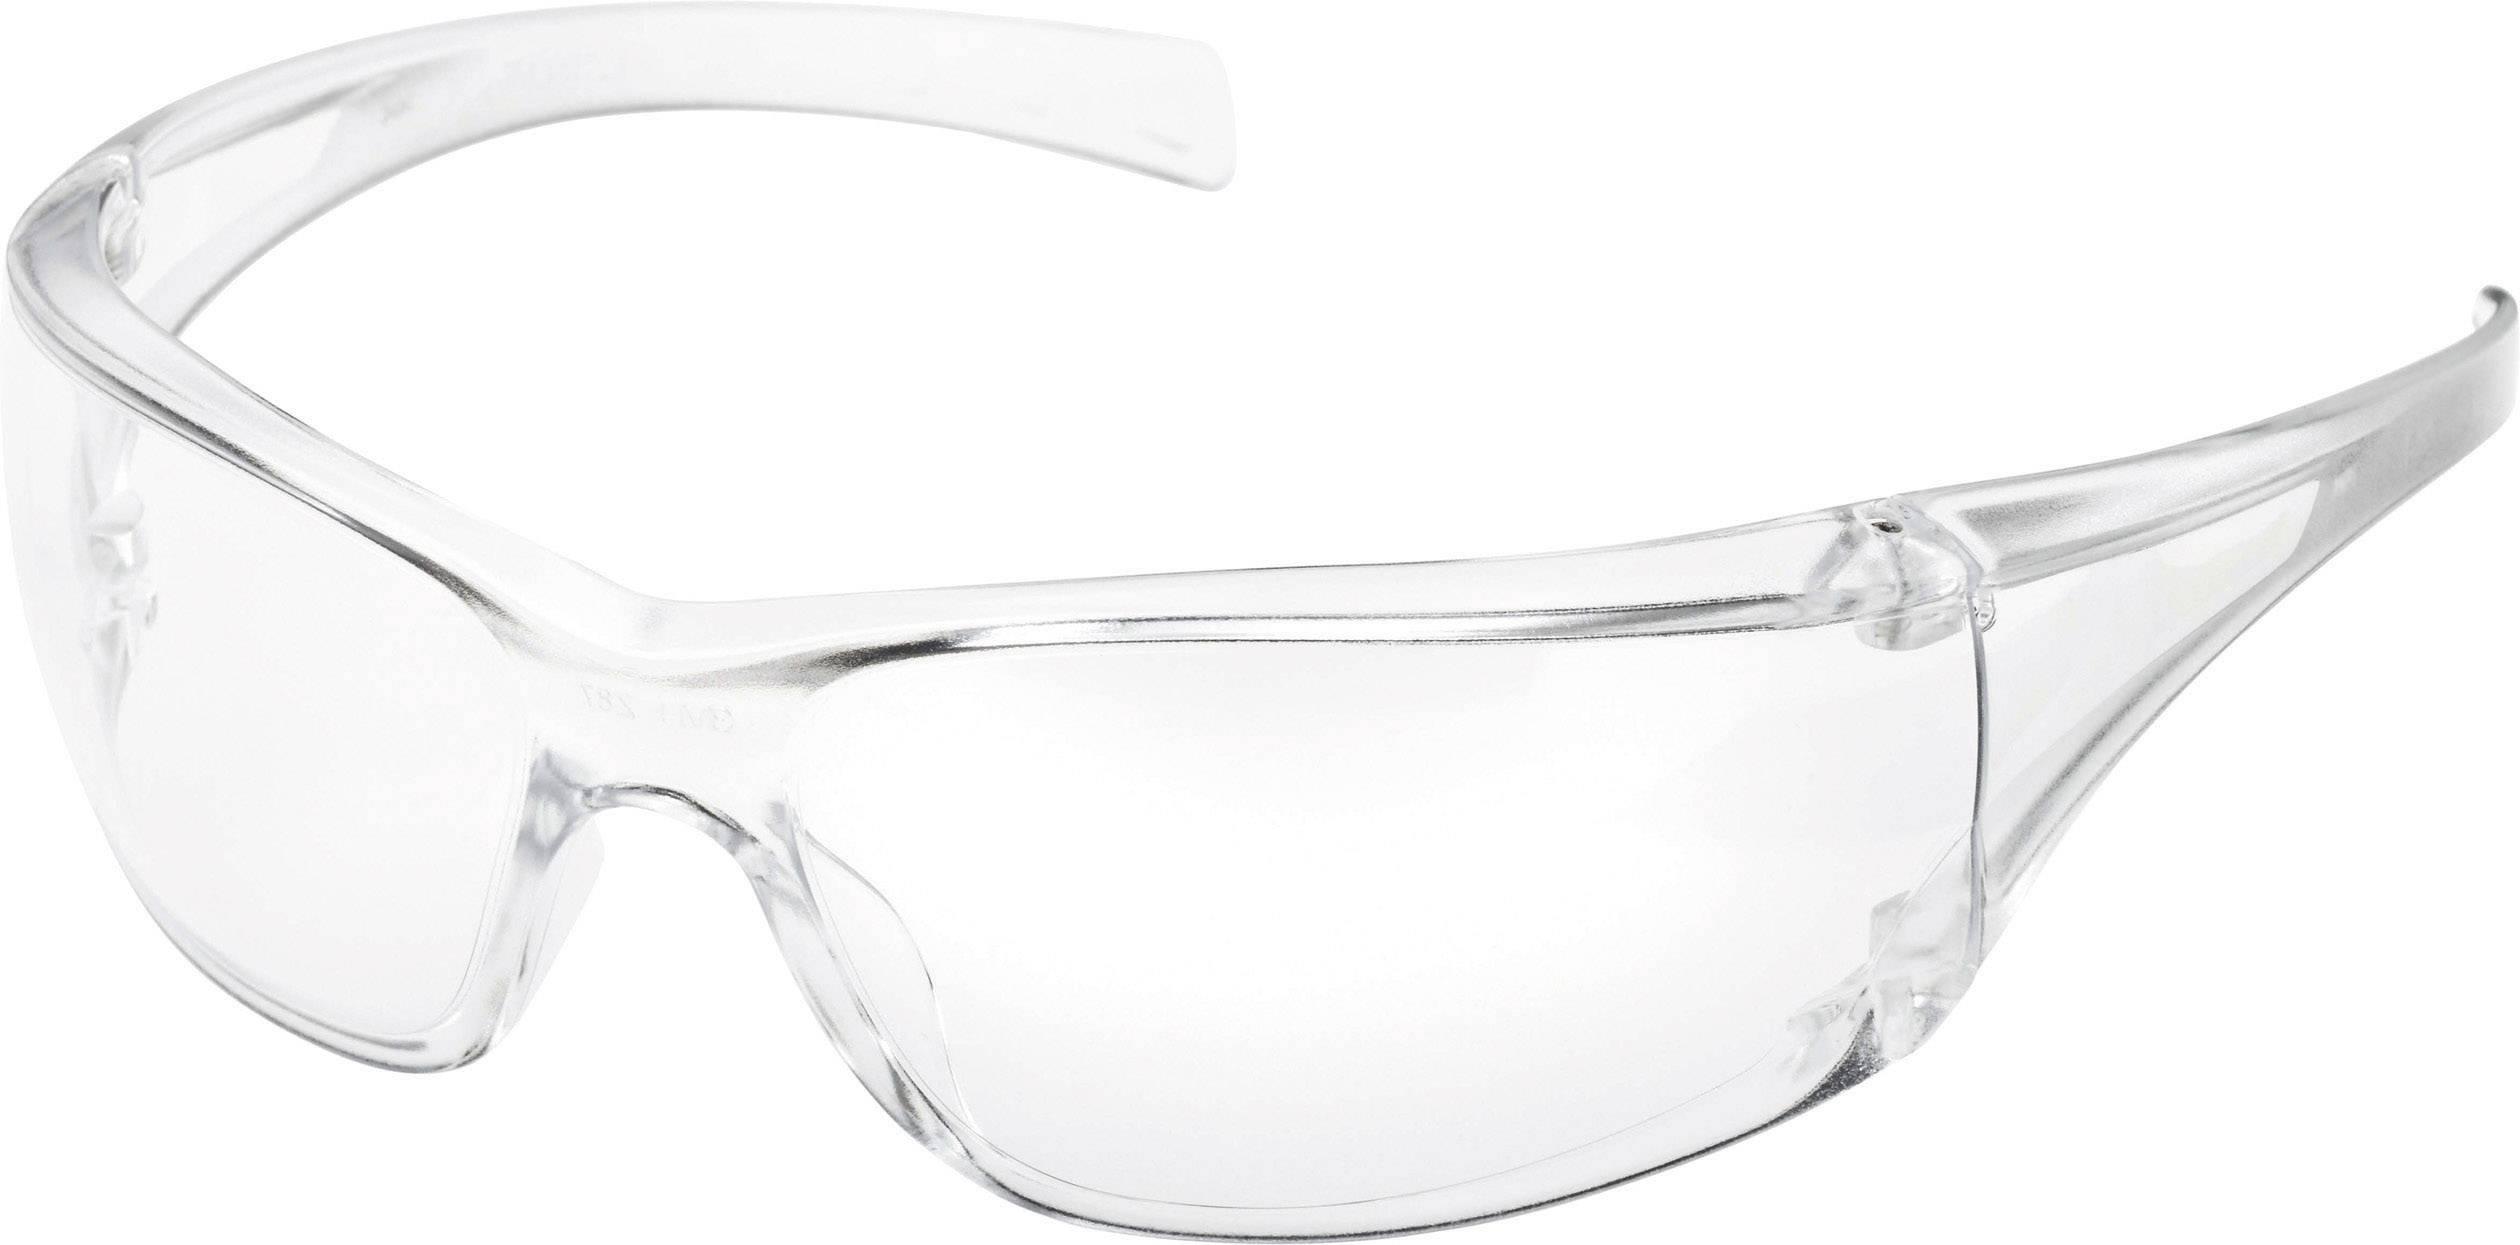 Ochranné okuliare 3M Virtua, číre